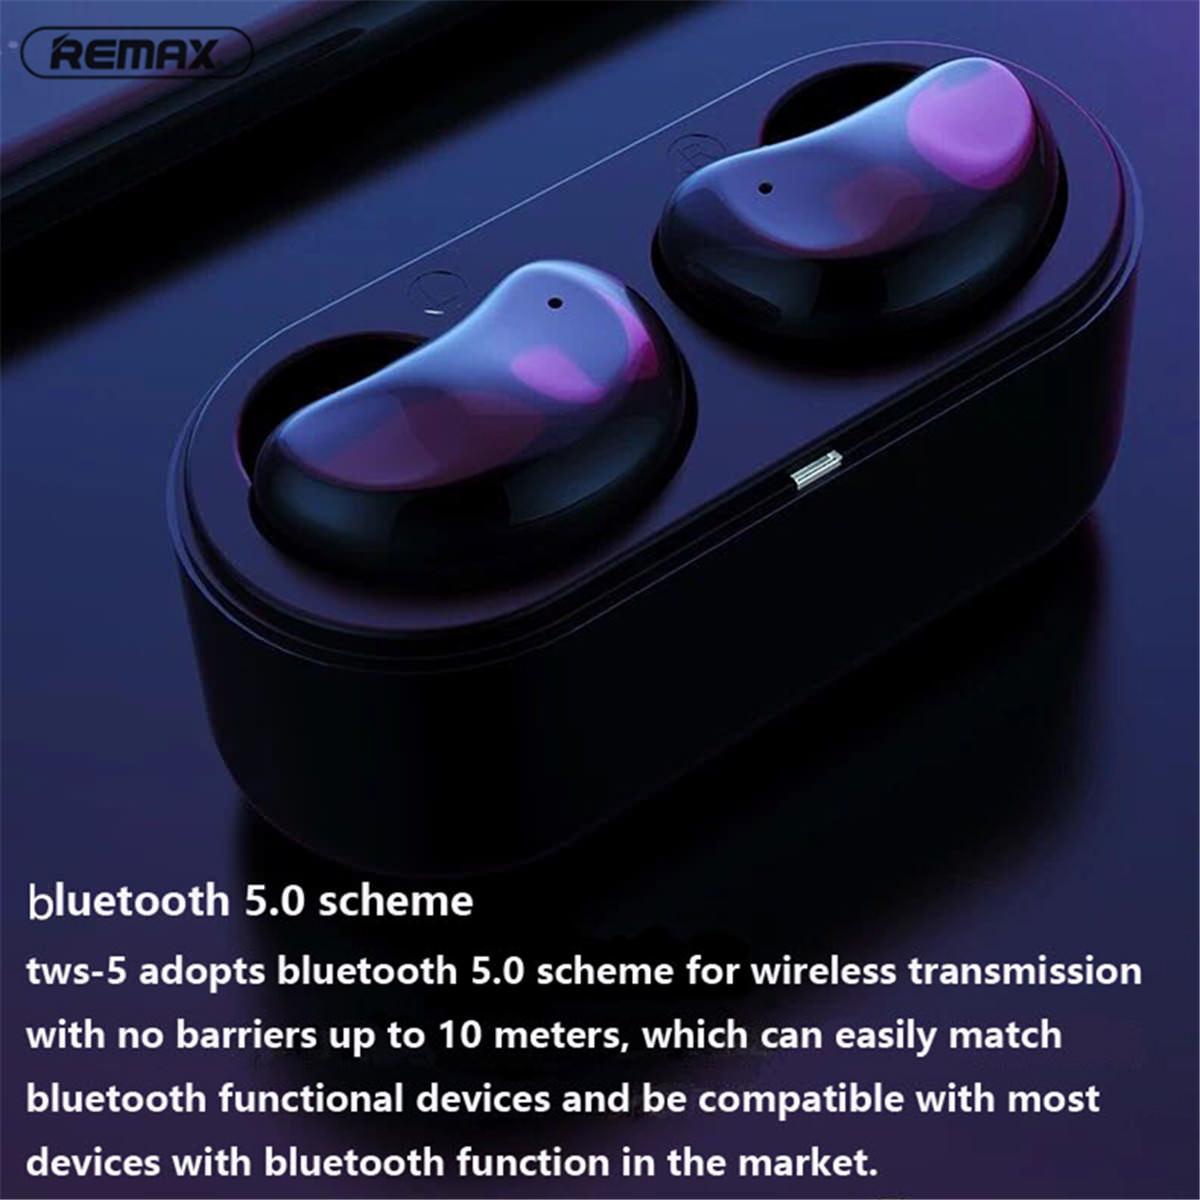 Ασύρματα Bluetooth Ακουστικά Remax TWS-5-2